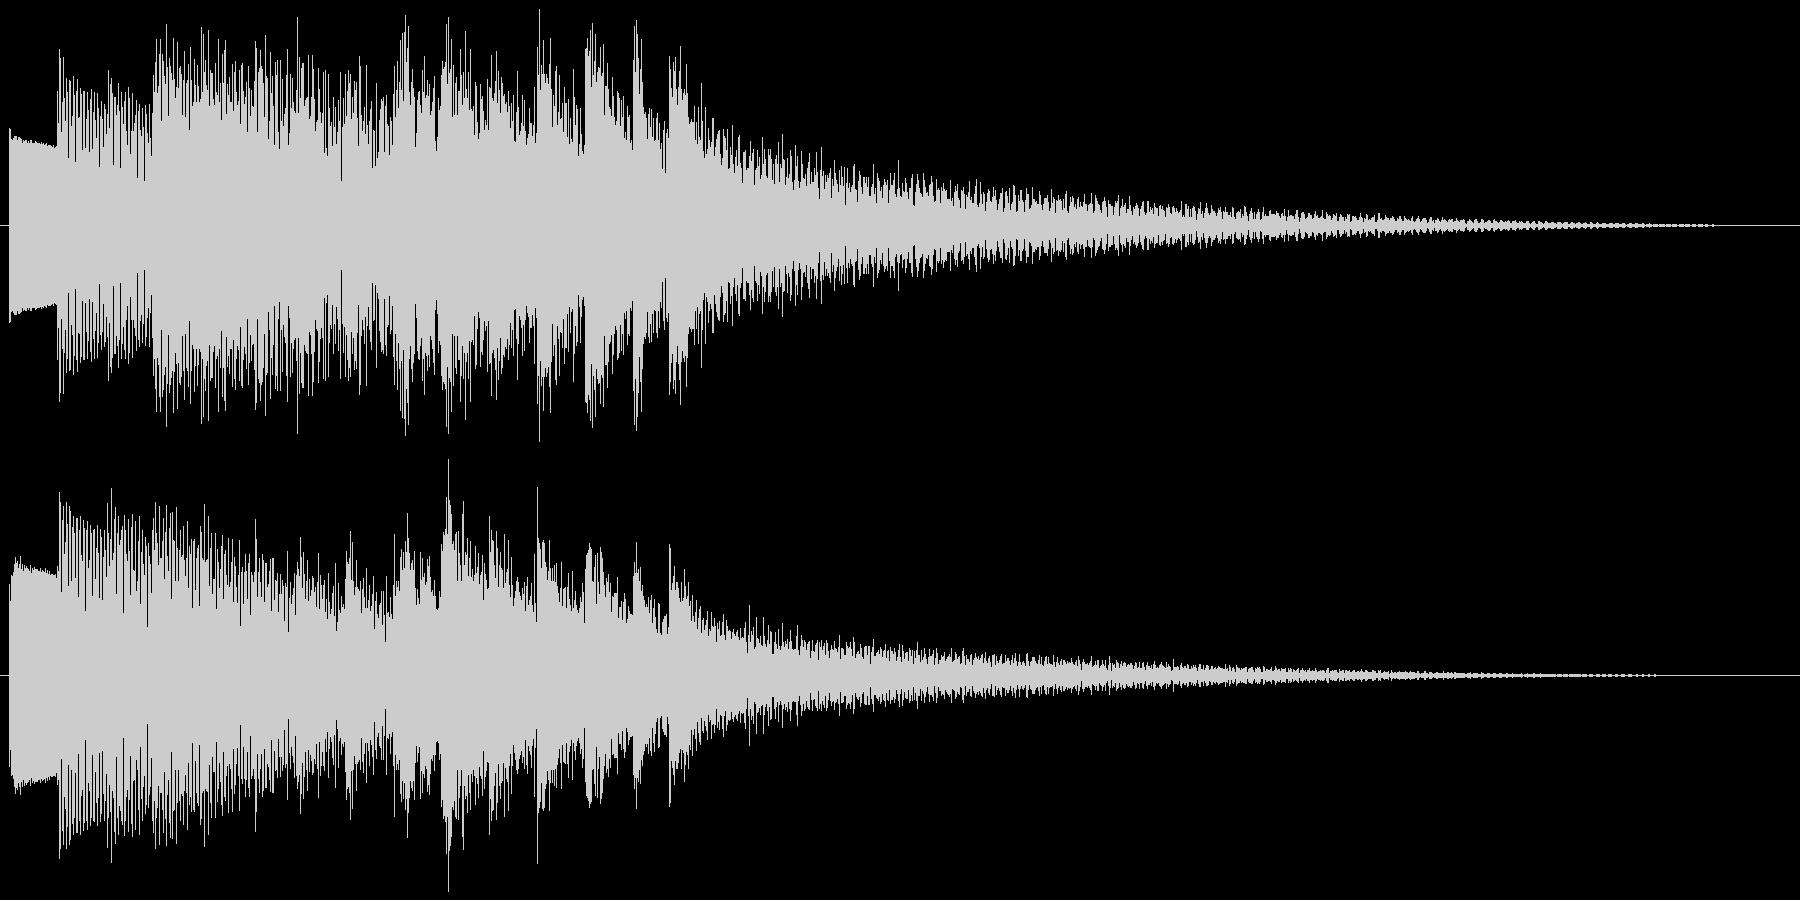 キラキラーン ゆっくり下降(鉄琴風)の未再生の波形